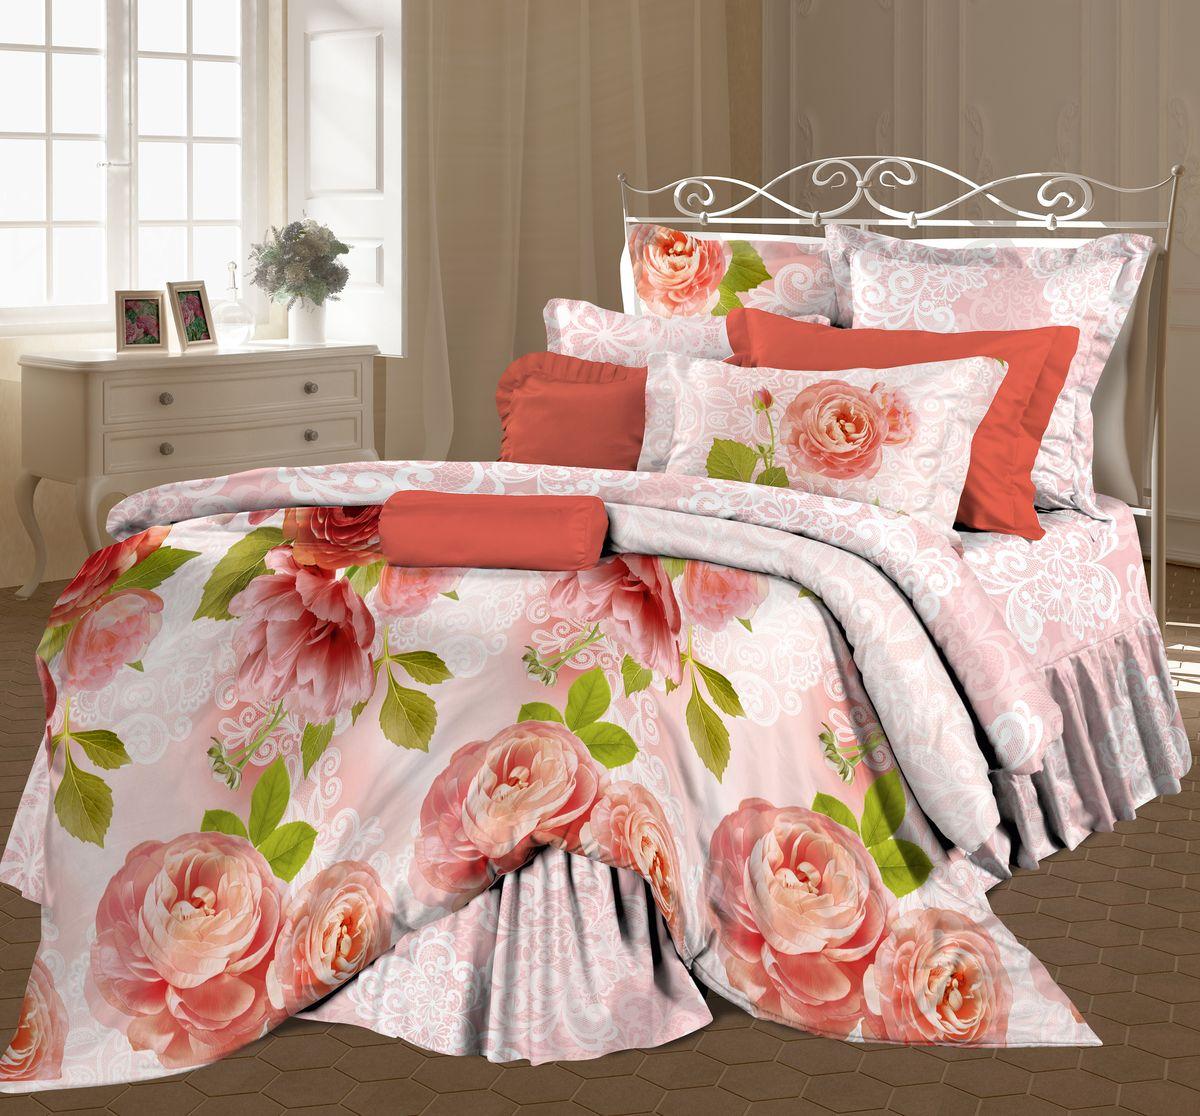 Комплект белья Романтика Свежие бутоны, семейный, наволочки 70 x 70, цвет: розовый. 317959317959